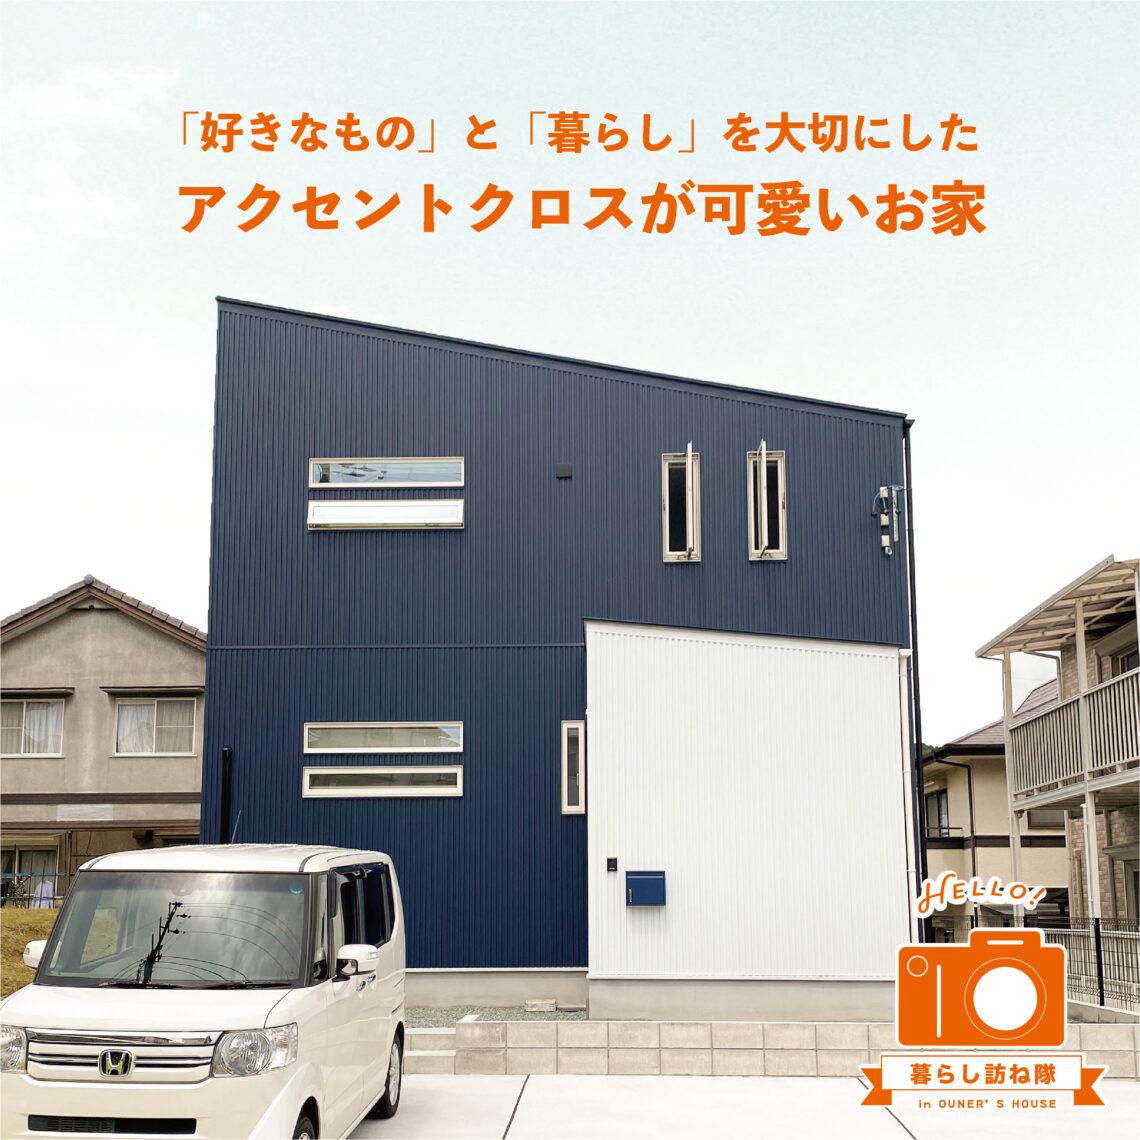 ロフト×勾配天井! 遊びゴコロがつまった🎖まんなかリビングの平屋